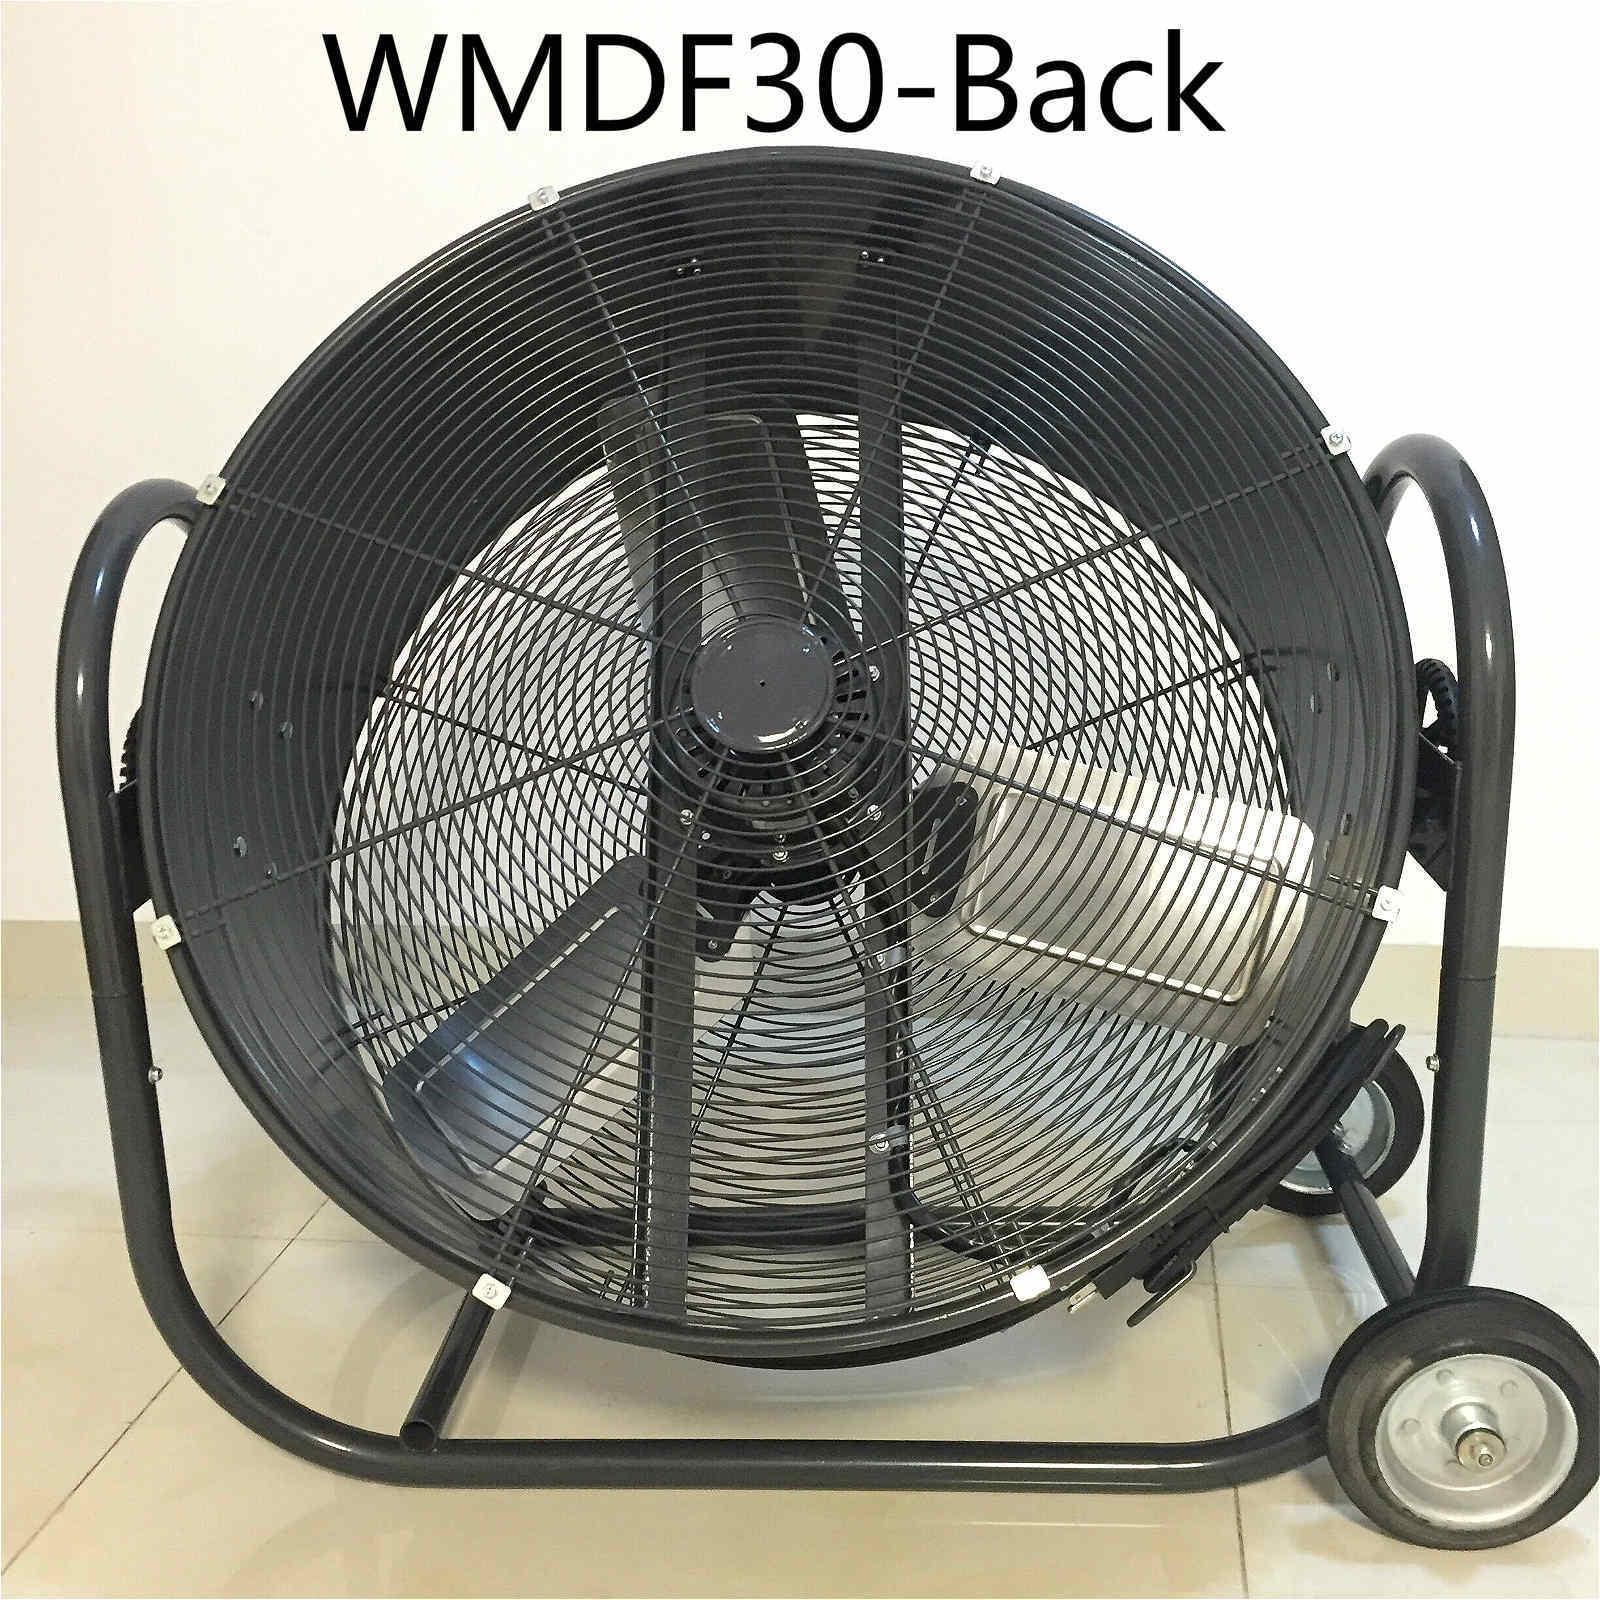 Drum Fan, Pedestal Fan, High Velocity Fan for Workshop, Patio, Basement, Warehouse, Factory, Mineral Factory, Garage etc.